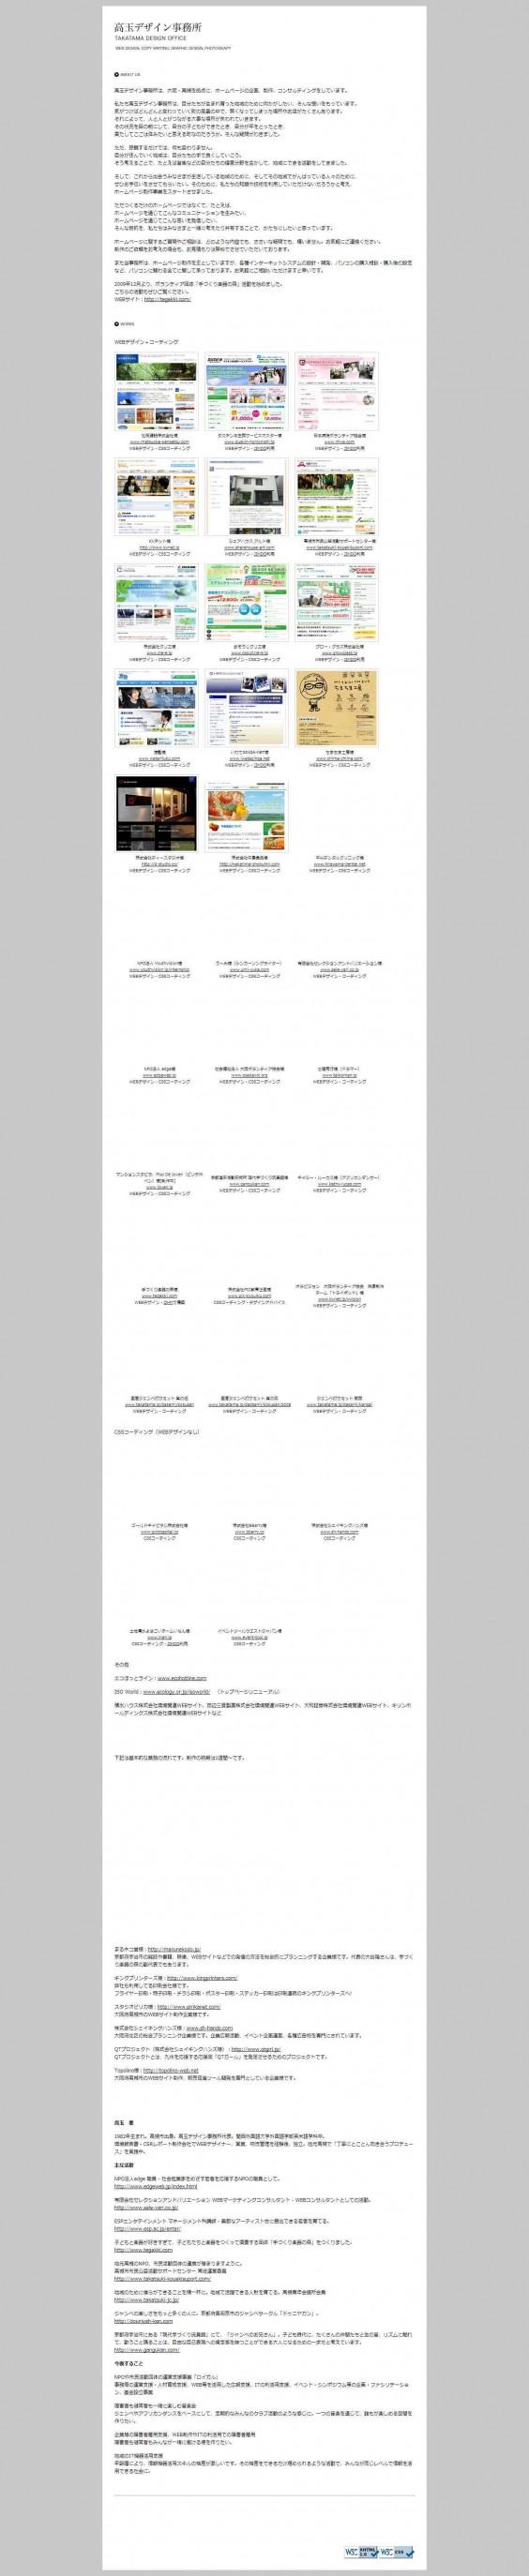 高玉デザイン事務所 大阪府高槻市 WEBサイト・ホームページの企画、制作、コンサルティング、パ・コン相談